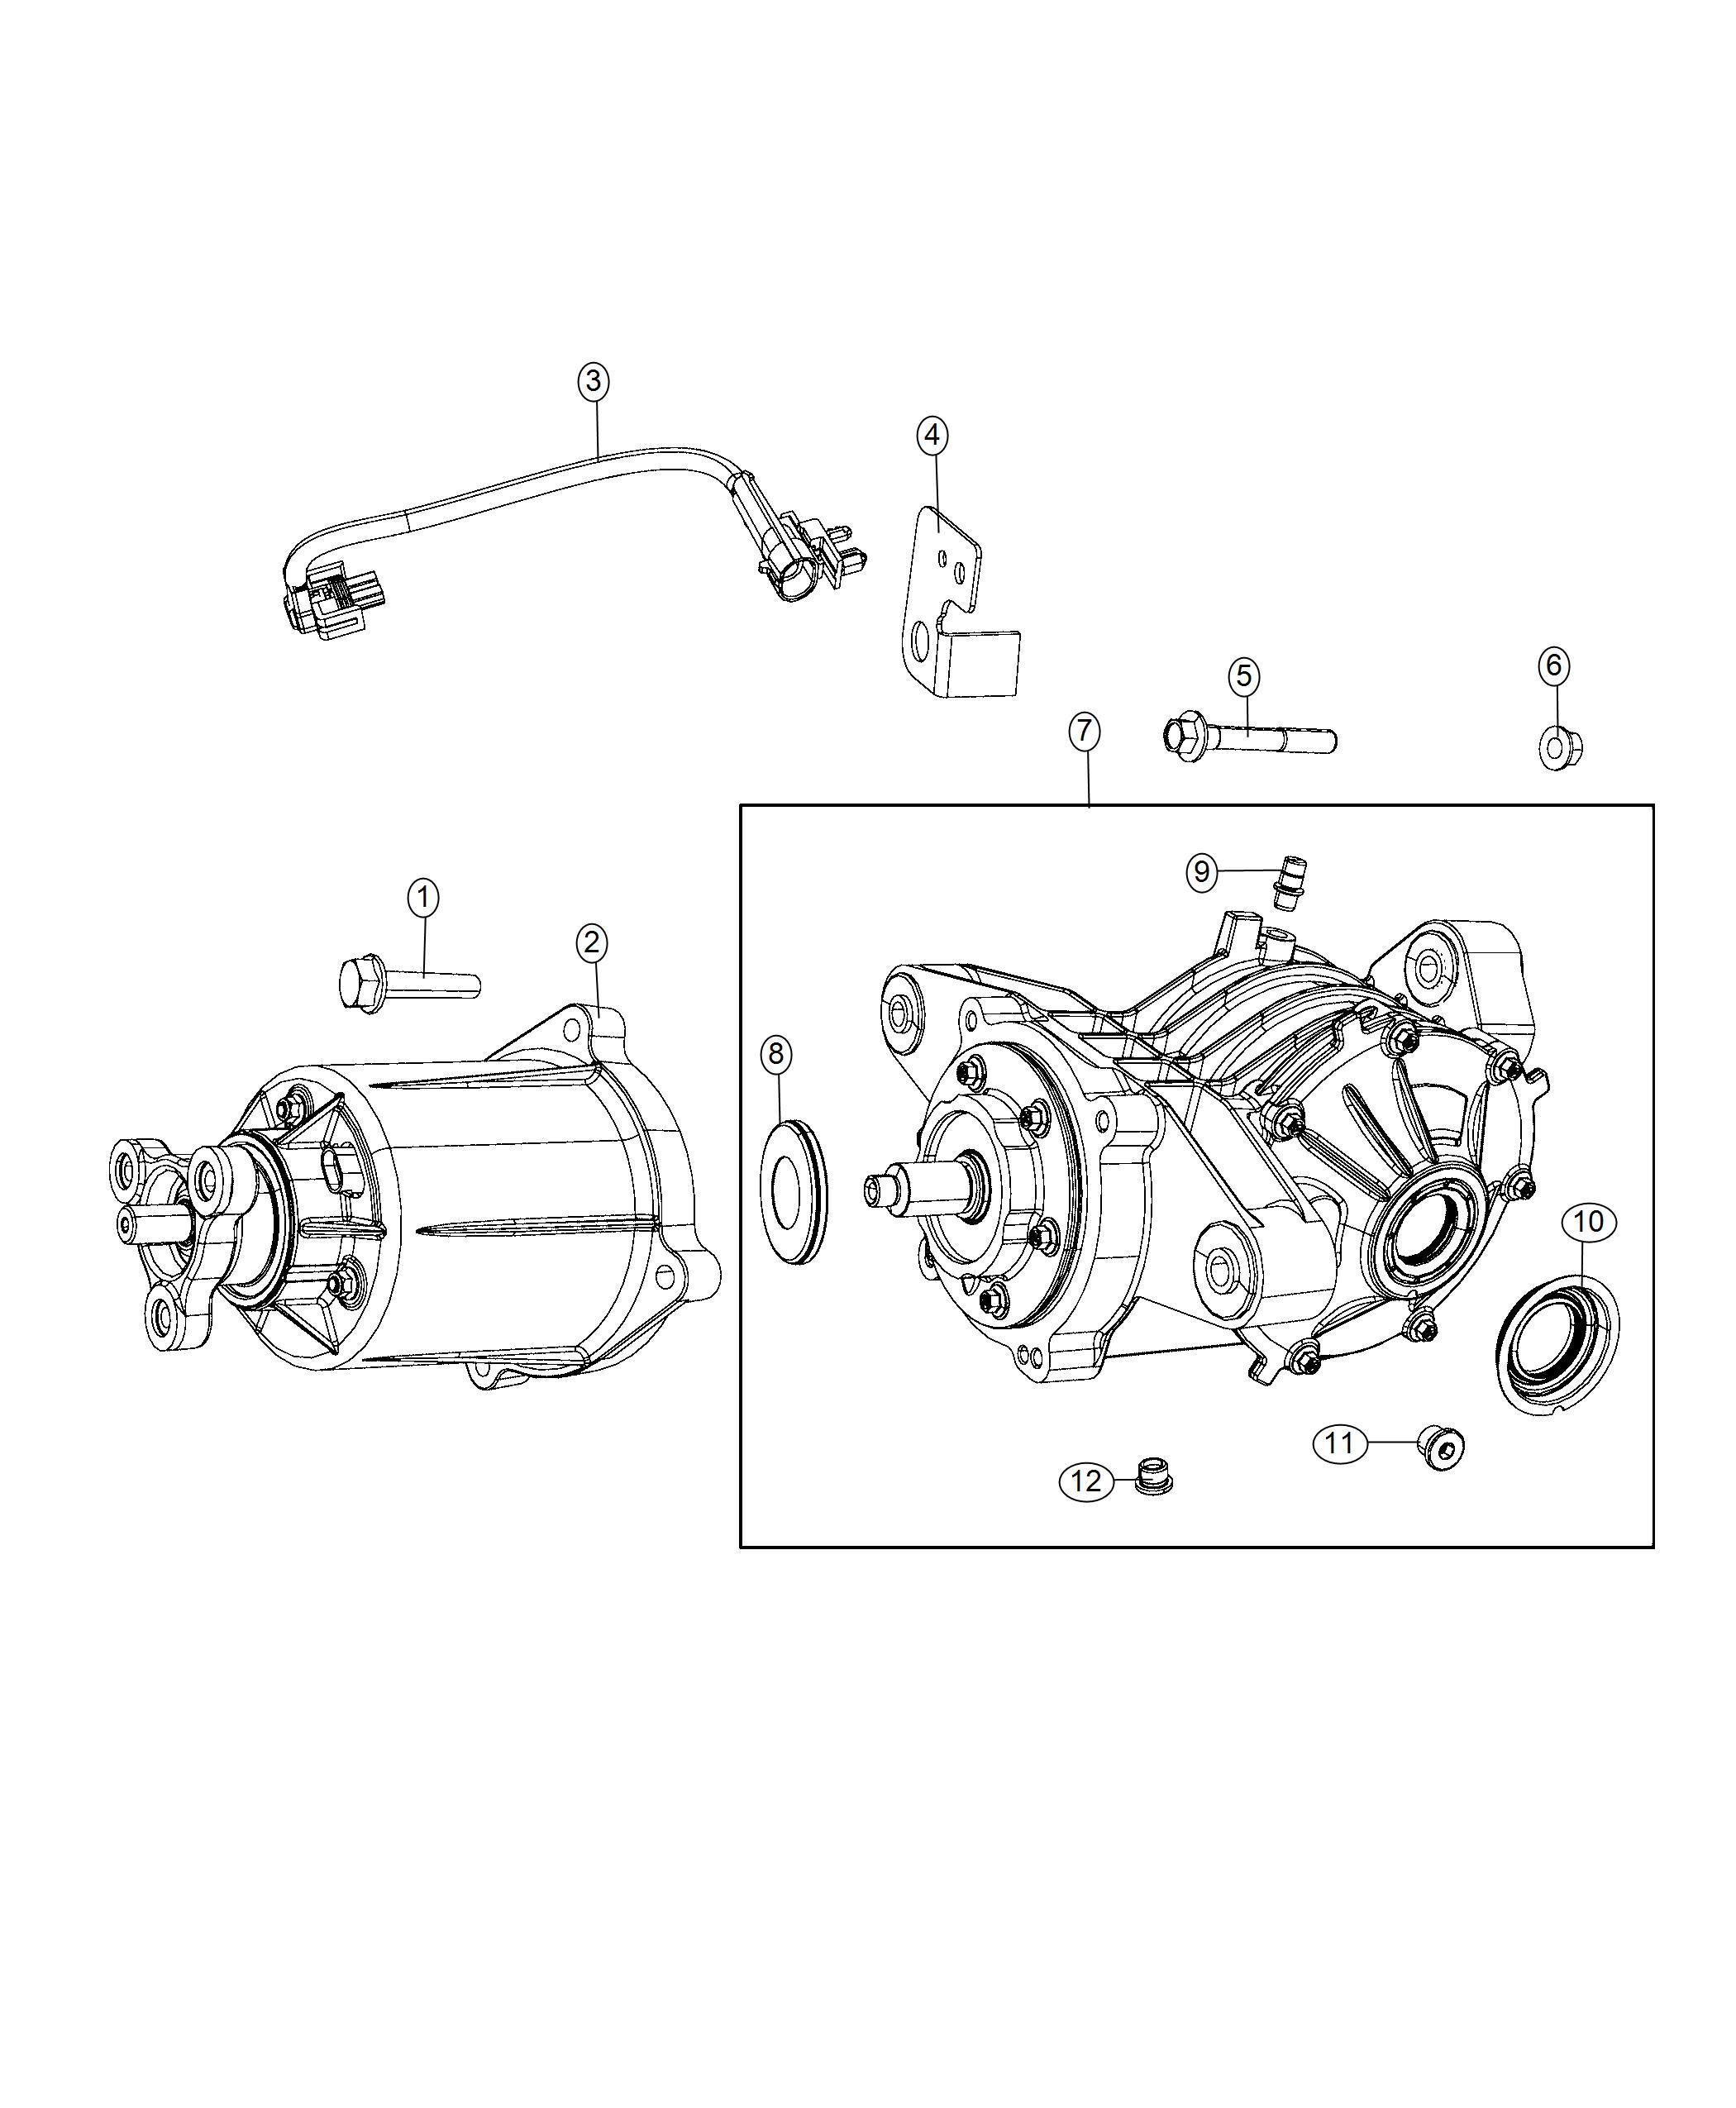 Dodge Pentastar 3 6 Vvt Engine Diagram A